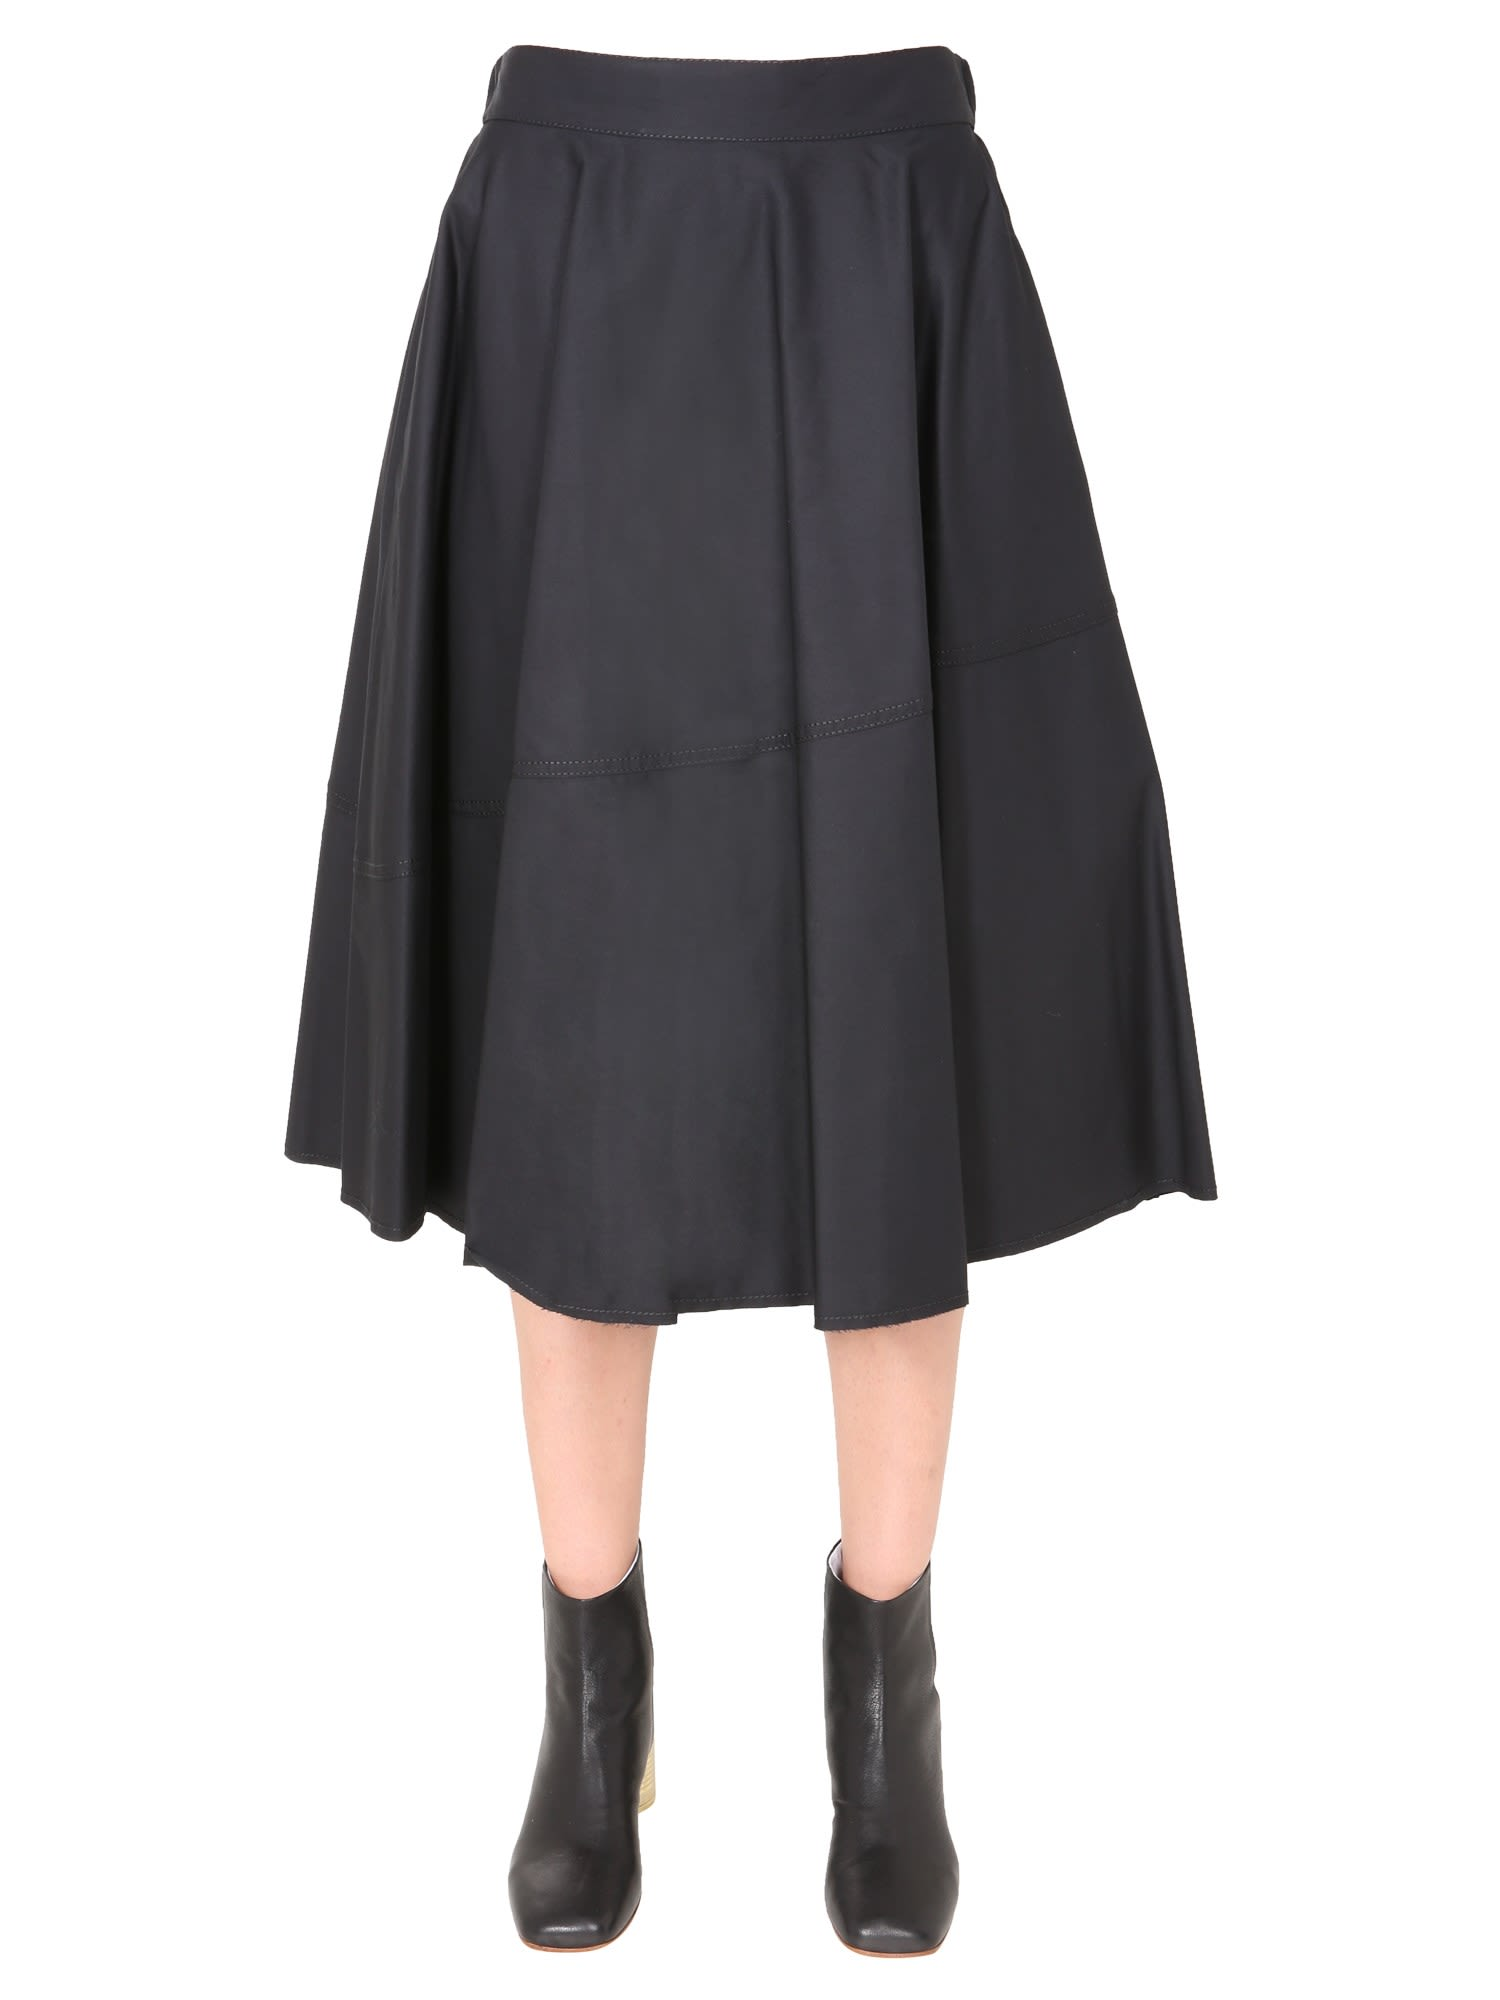 MM6 Maison Margiela Flared Skirt